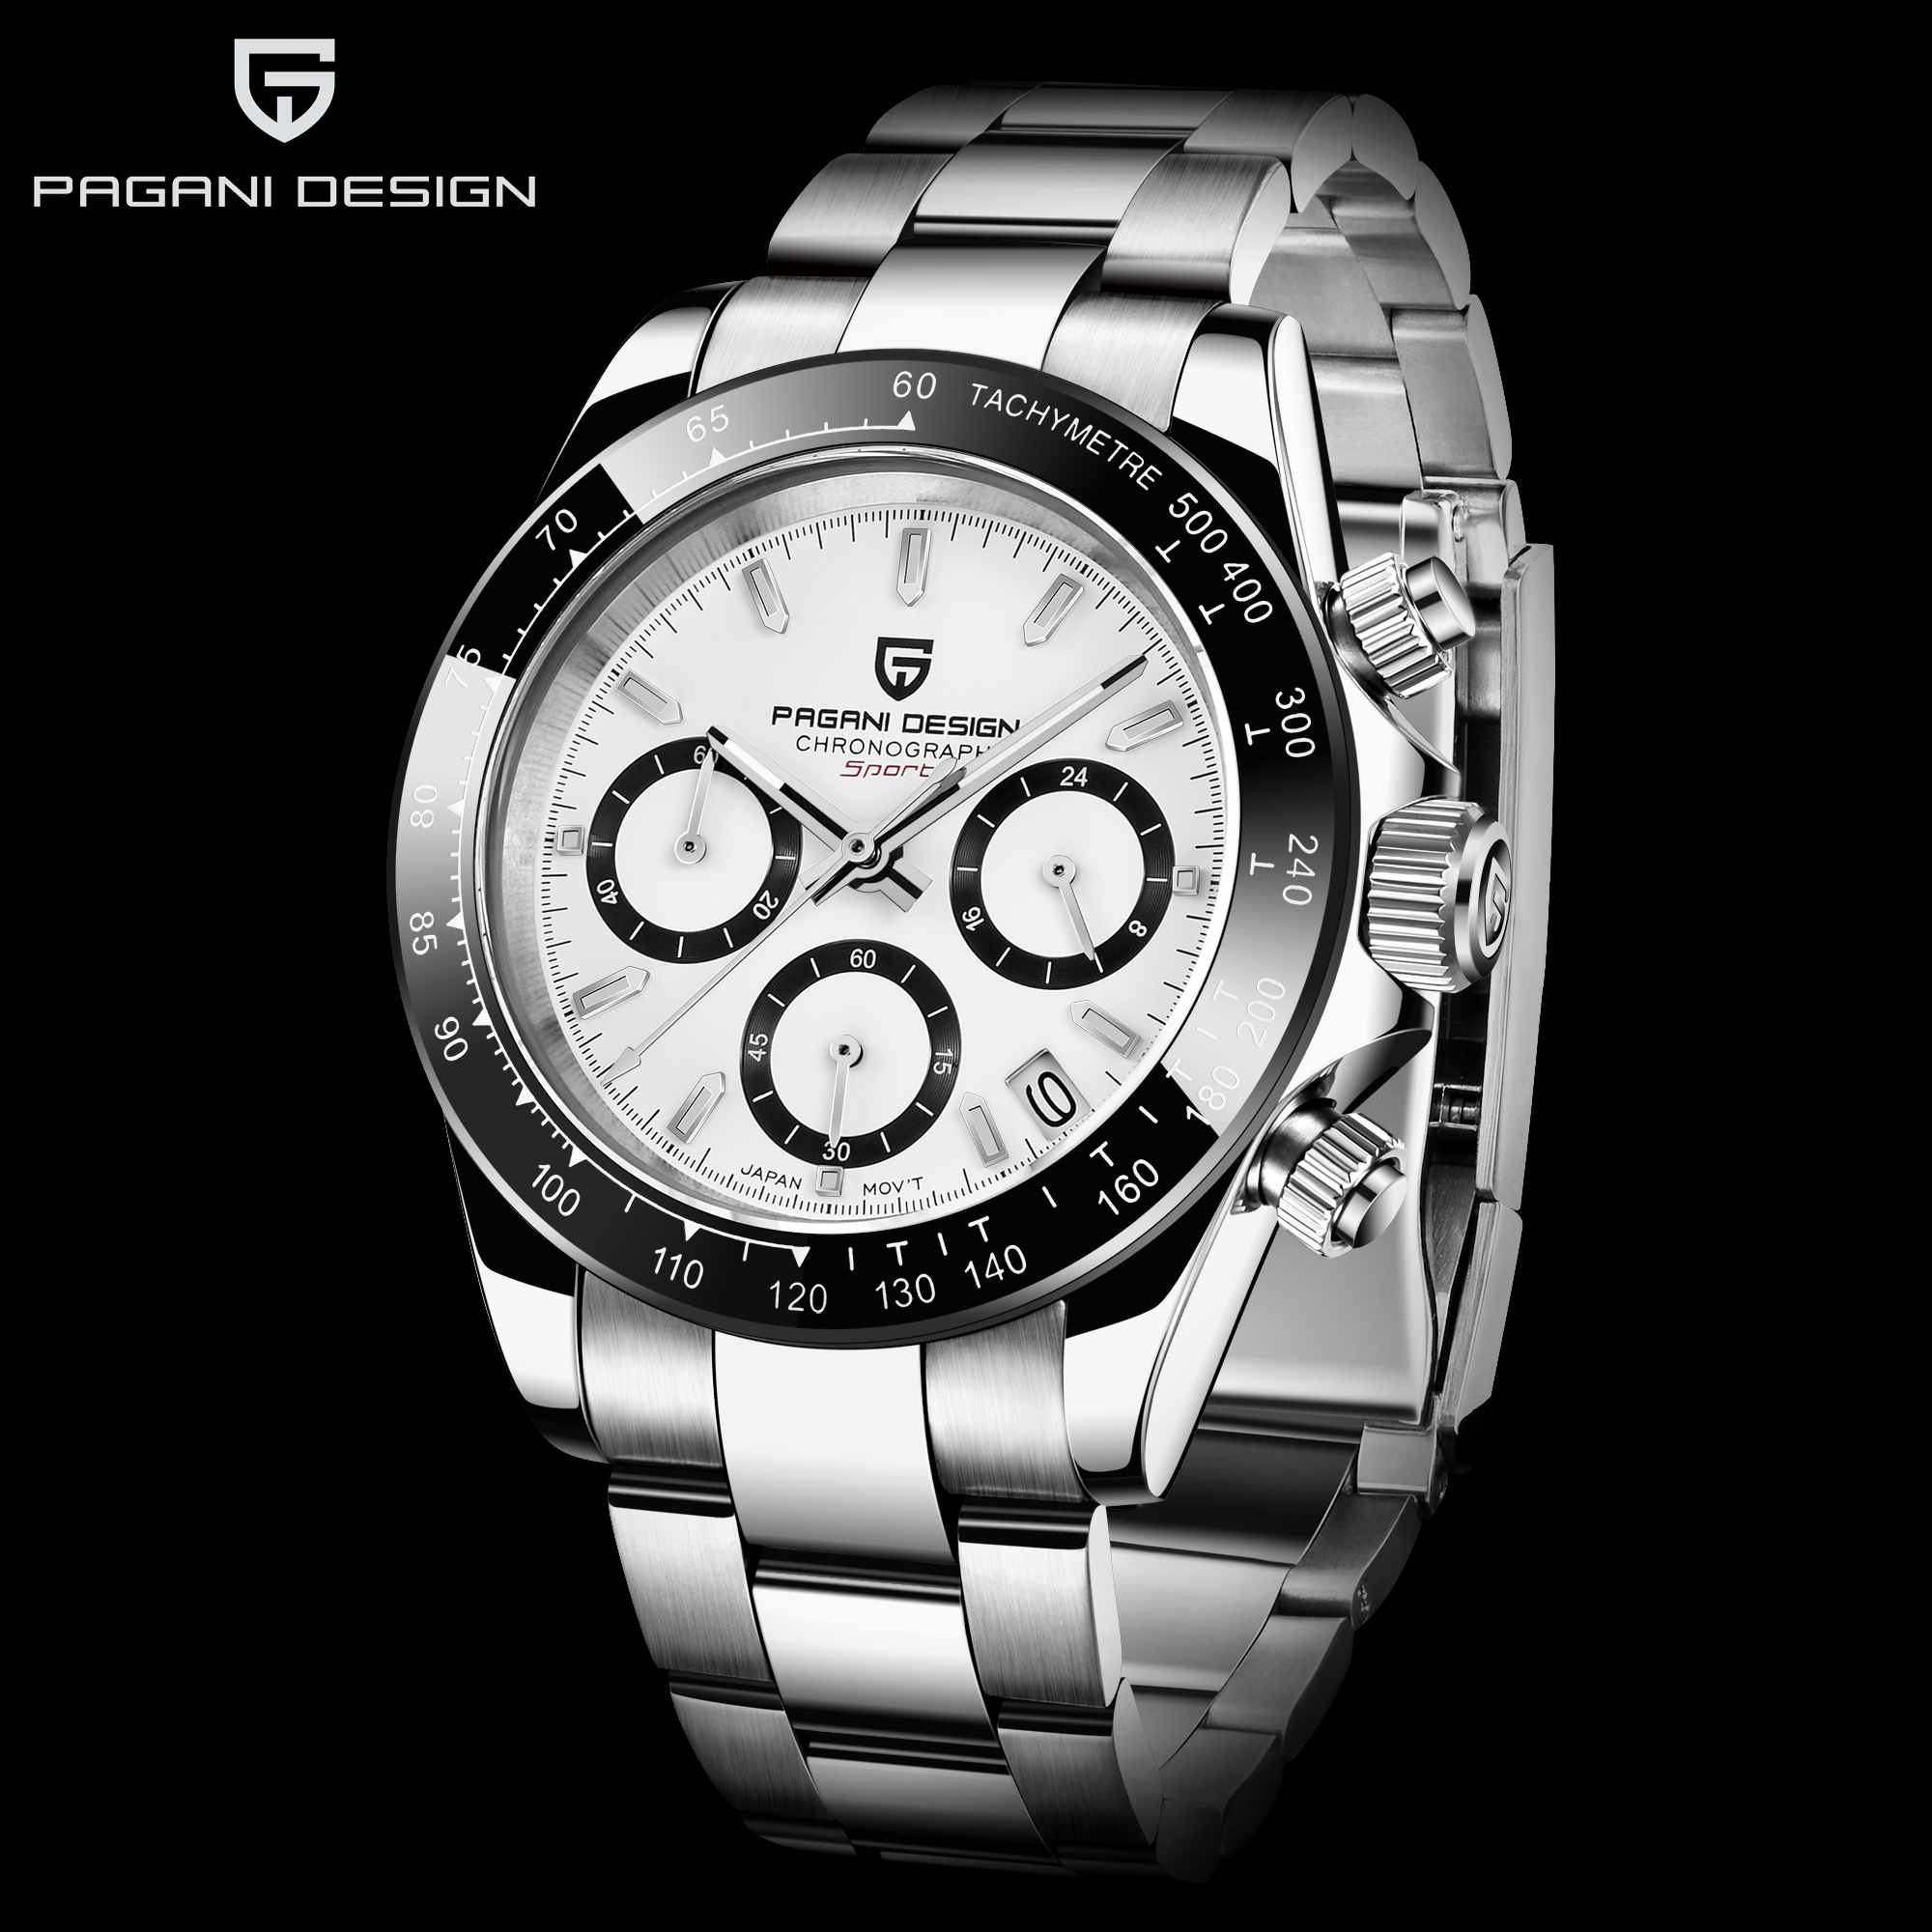 Nova série pagani clássico preto dial relógios de quartzo dos homens luxo aço inoxidável 100m à prova dwaterproof água relógio mecânico